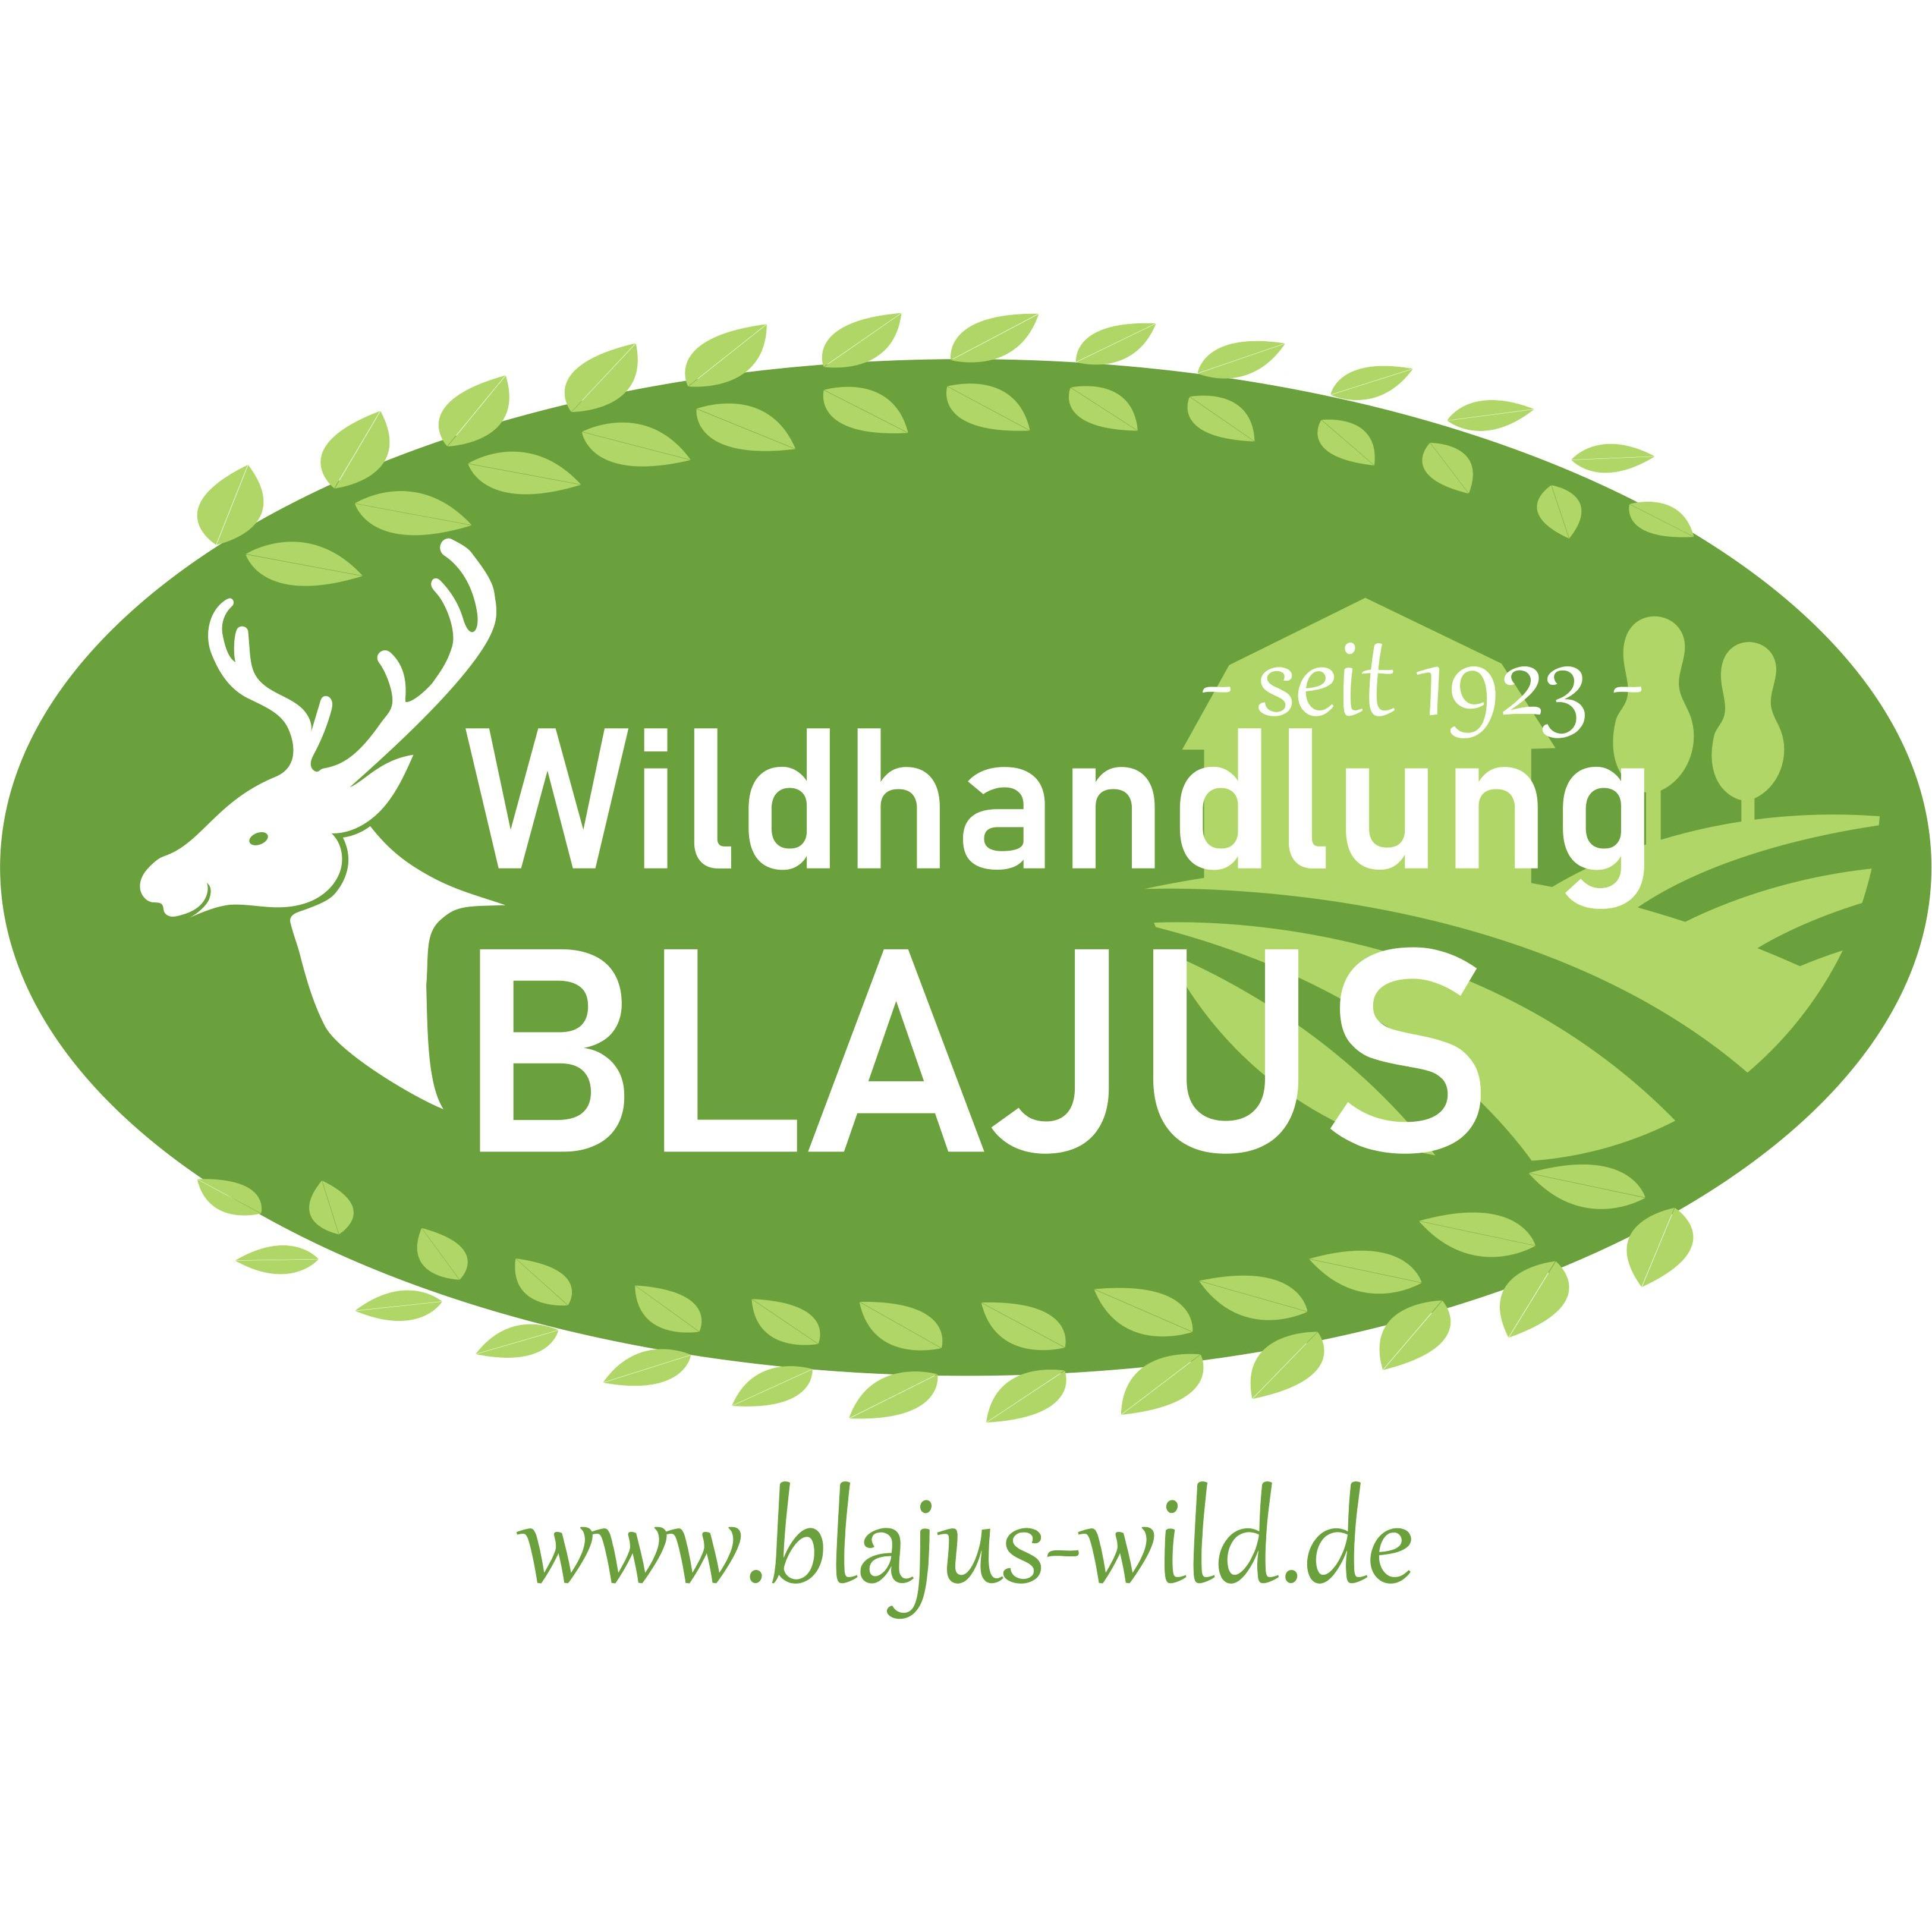 Blajus Wildhandlung Inh.: Jörg Weide